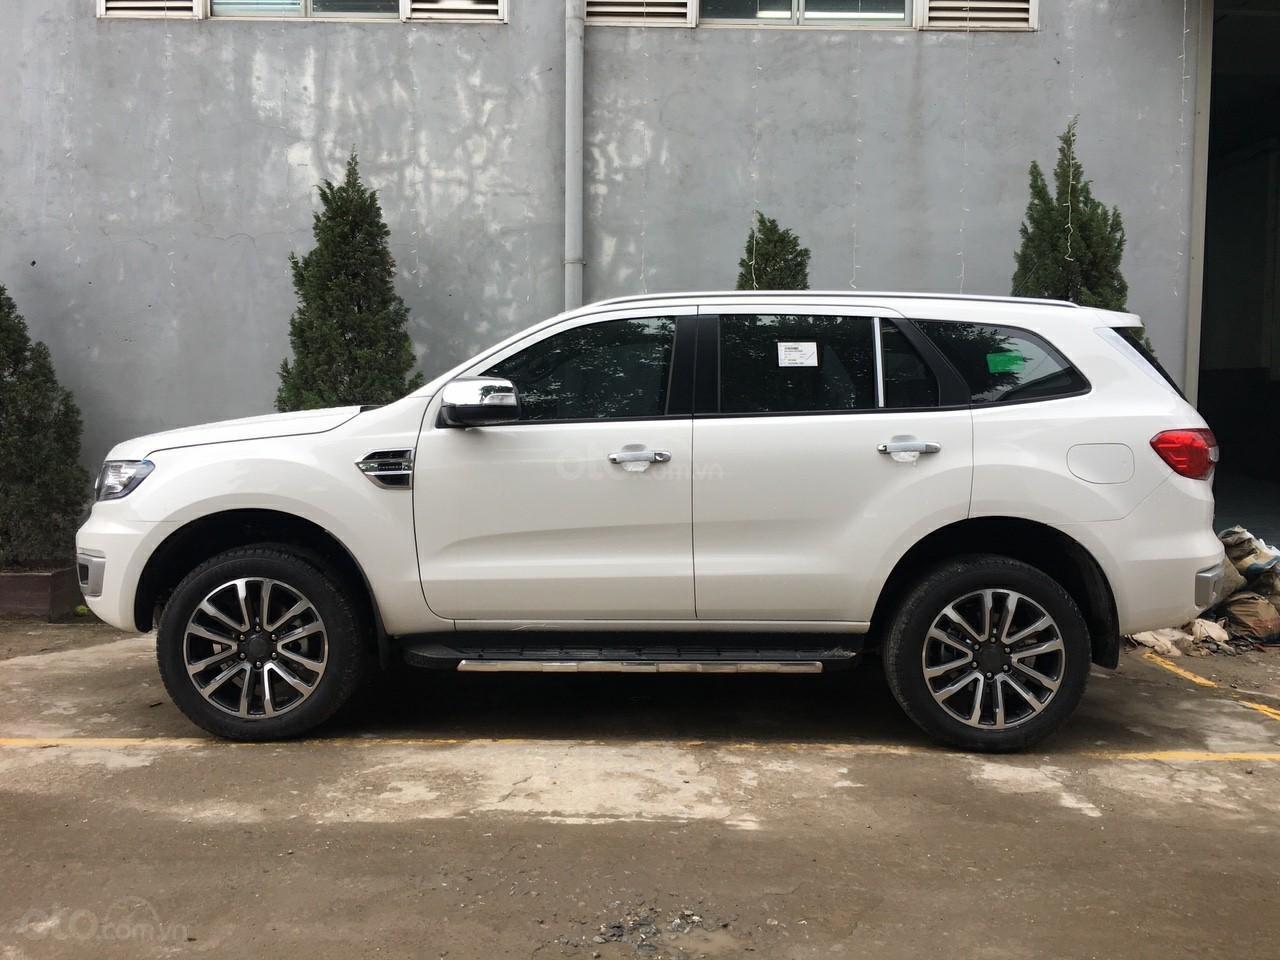 Ford An Đô 0974286009 bán Ford Everest 2.0 Biturbo đủ màu giao ngay, giá tốt nhất VBB. LH 0974286009-1